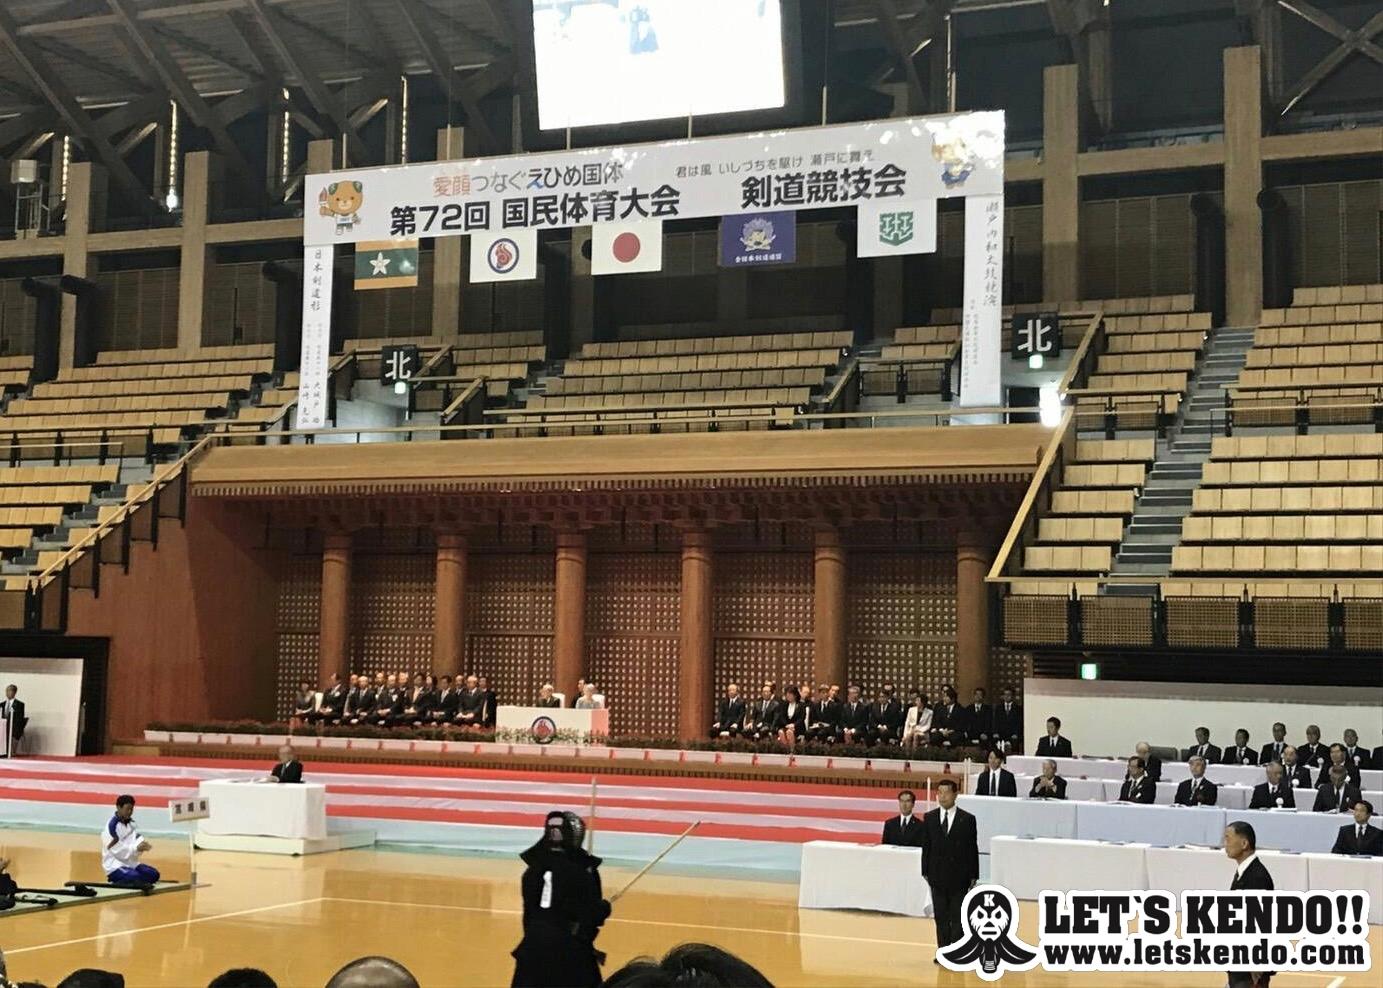 【開催中!】10/1〜3 えひめ国体・剣道競技